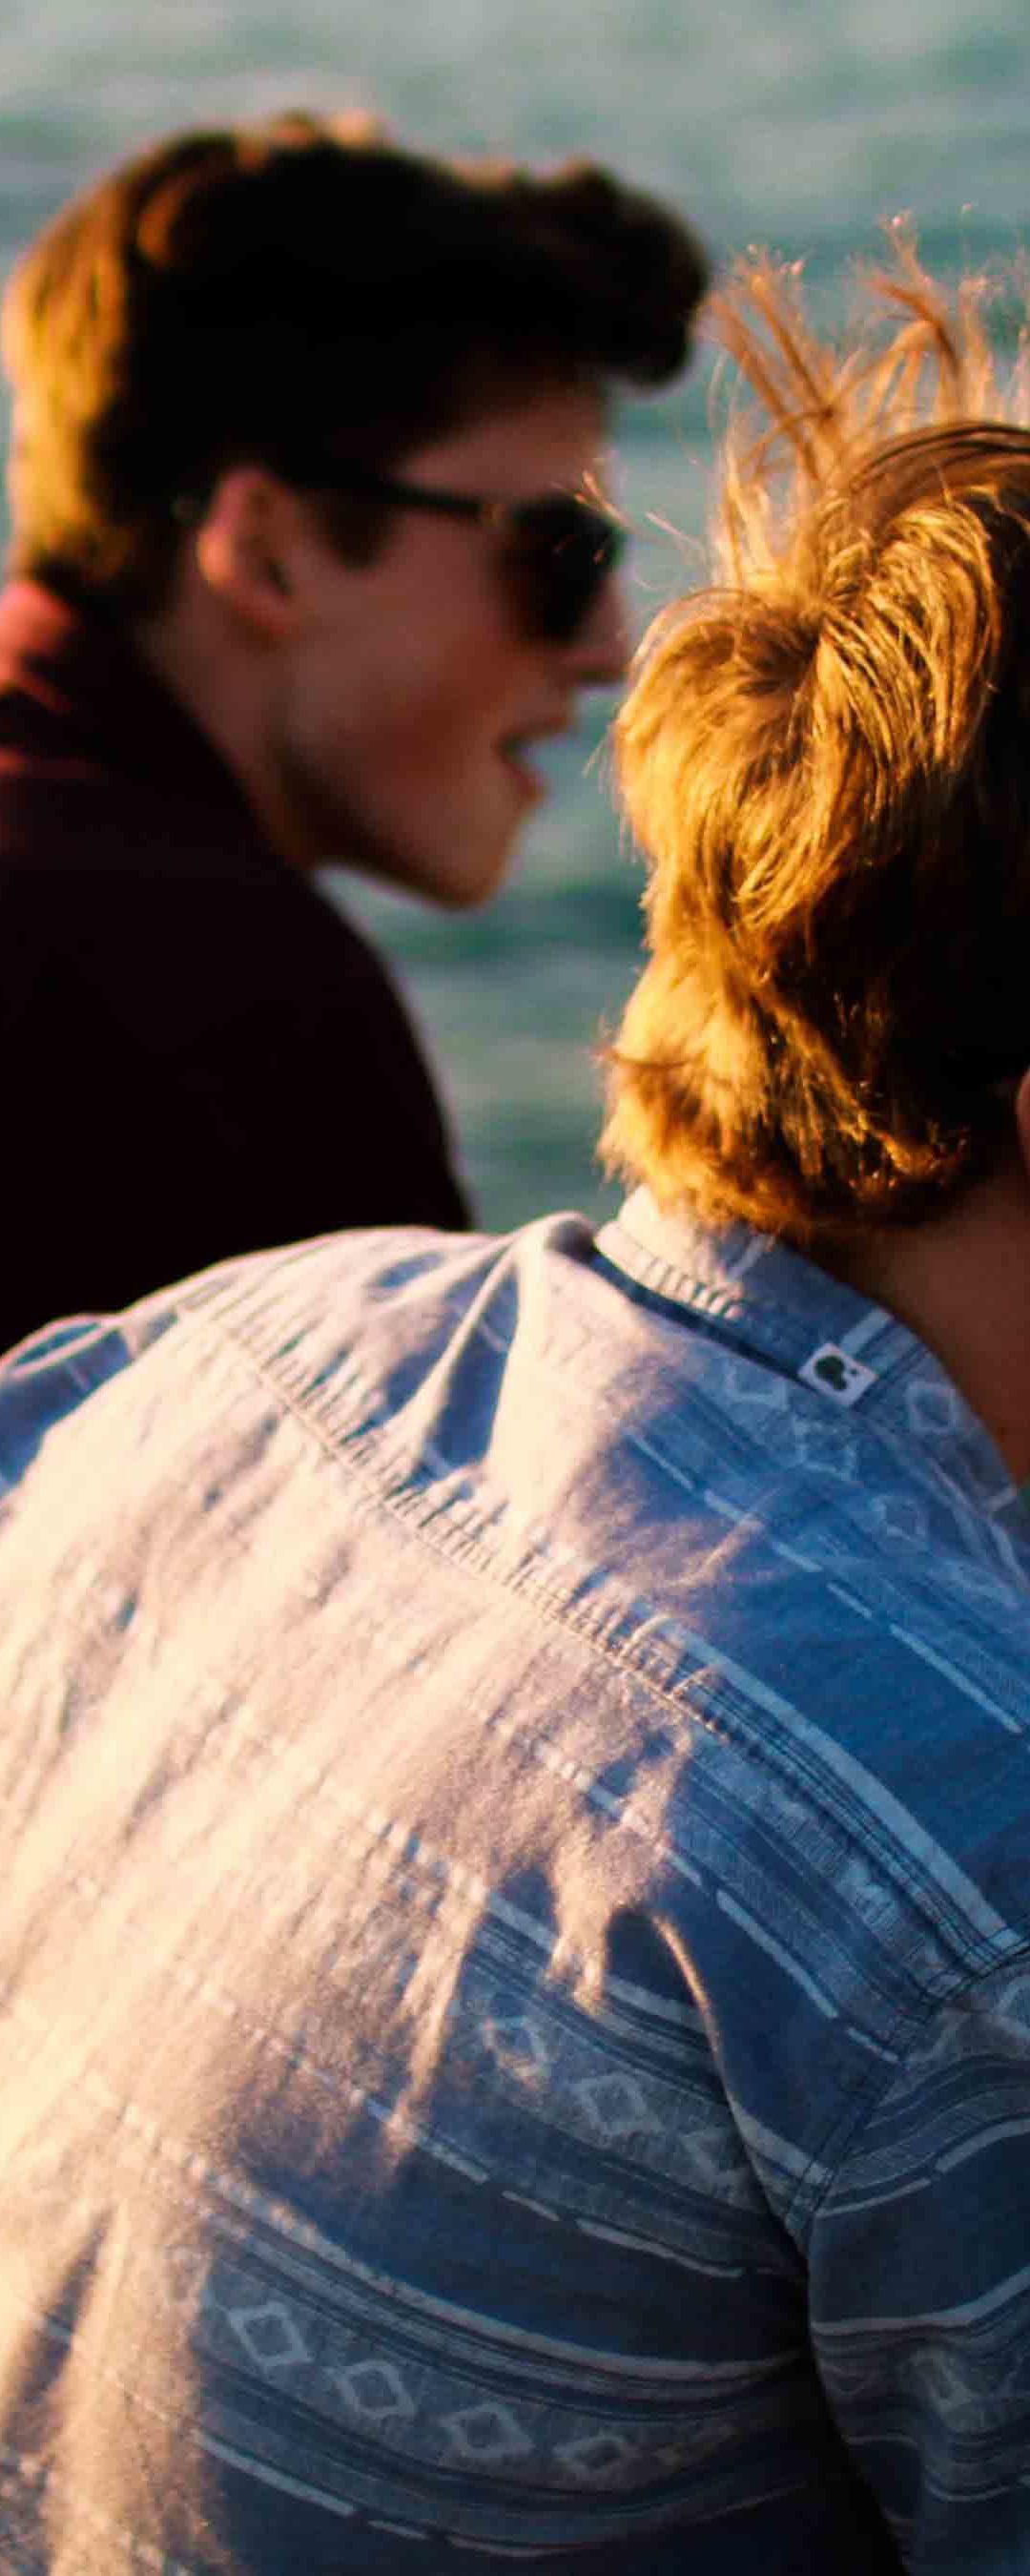 ¿TIENEN MÁS DIFICULTADES LAS PAREJAS HOMOSEXUALES QUE LAS HETEROSEXUALES?